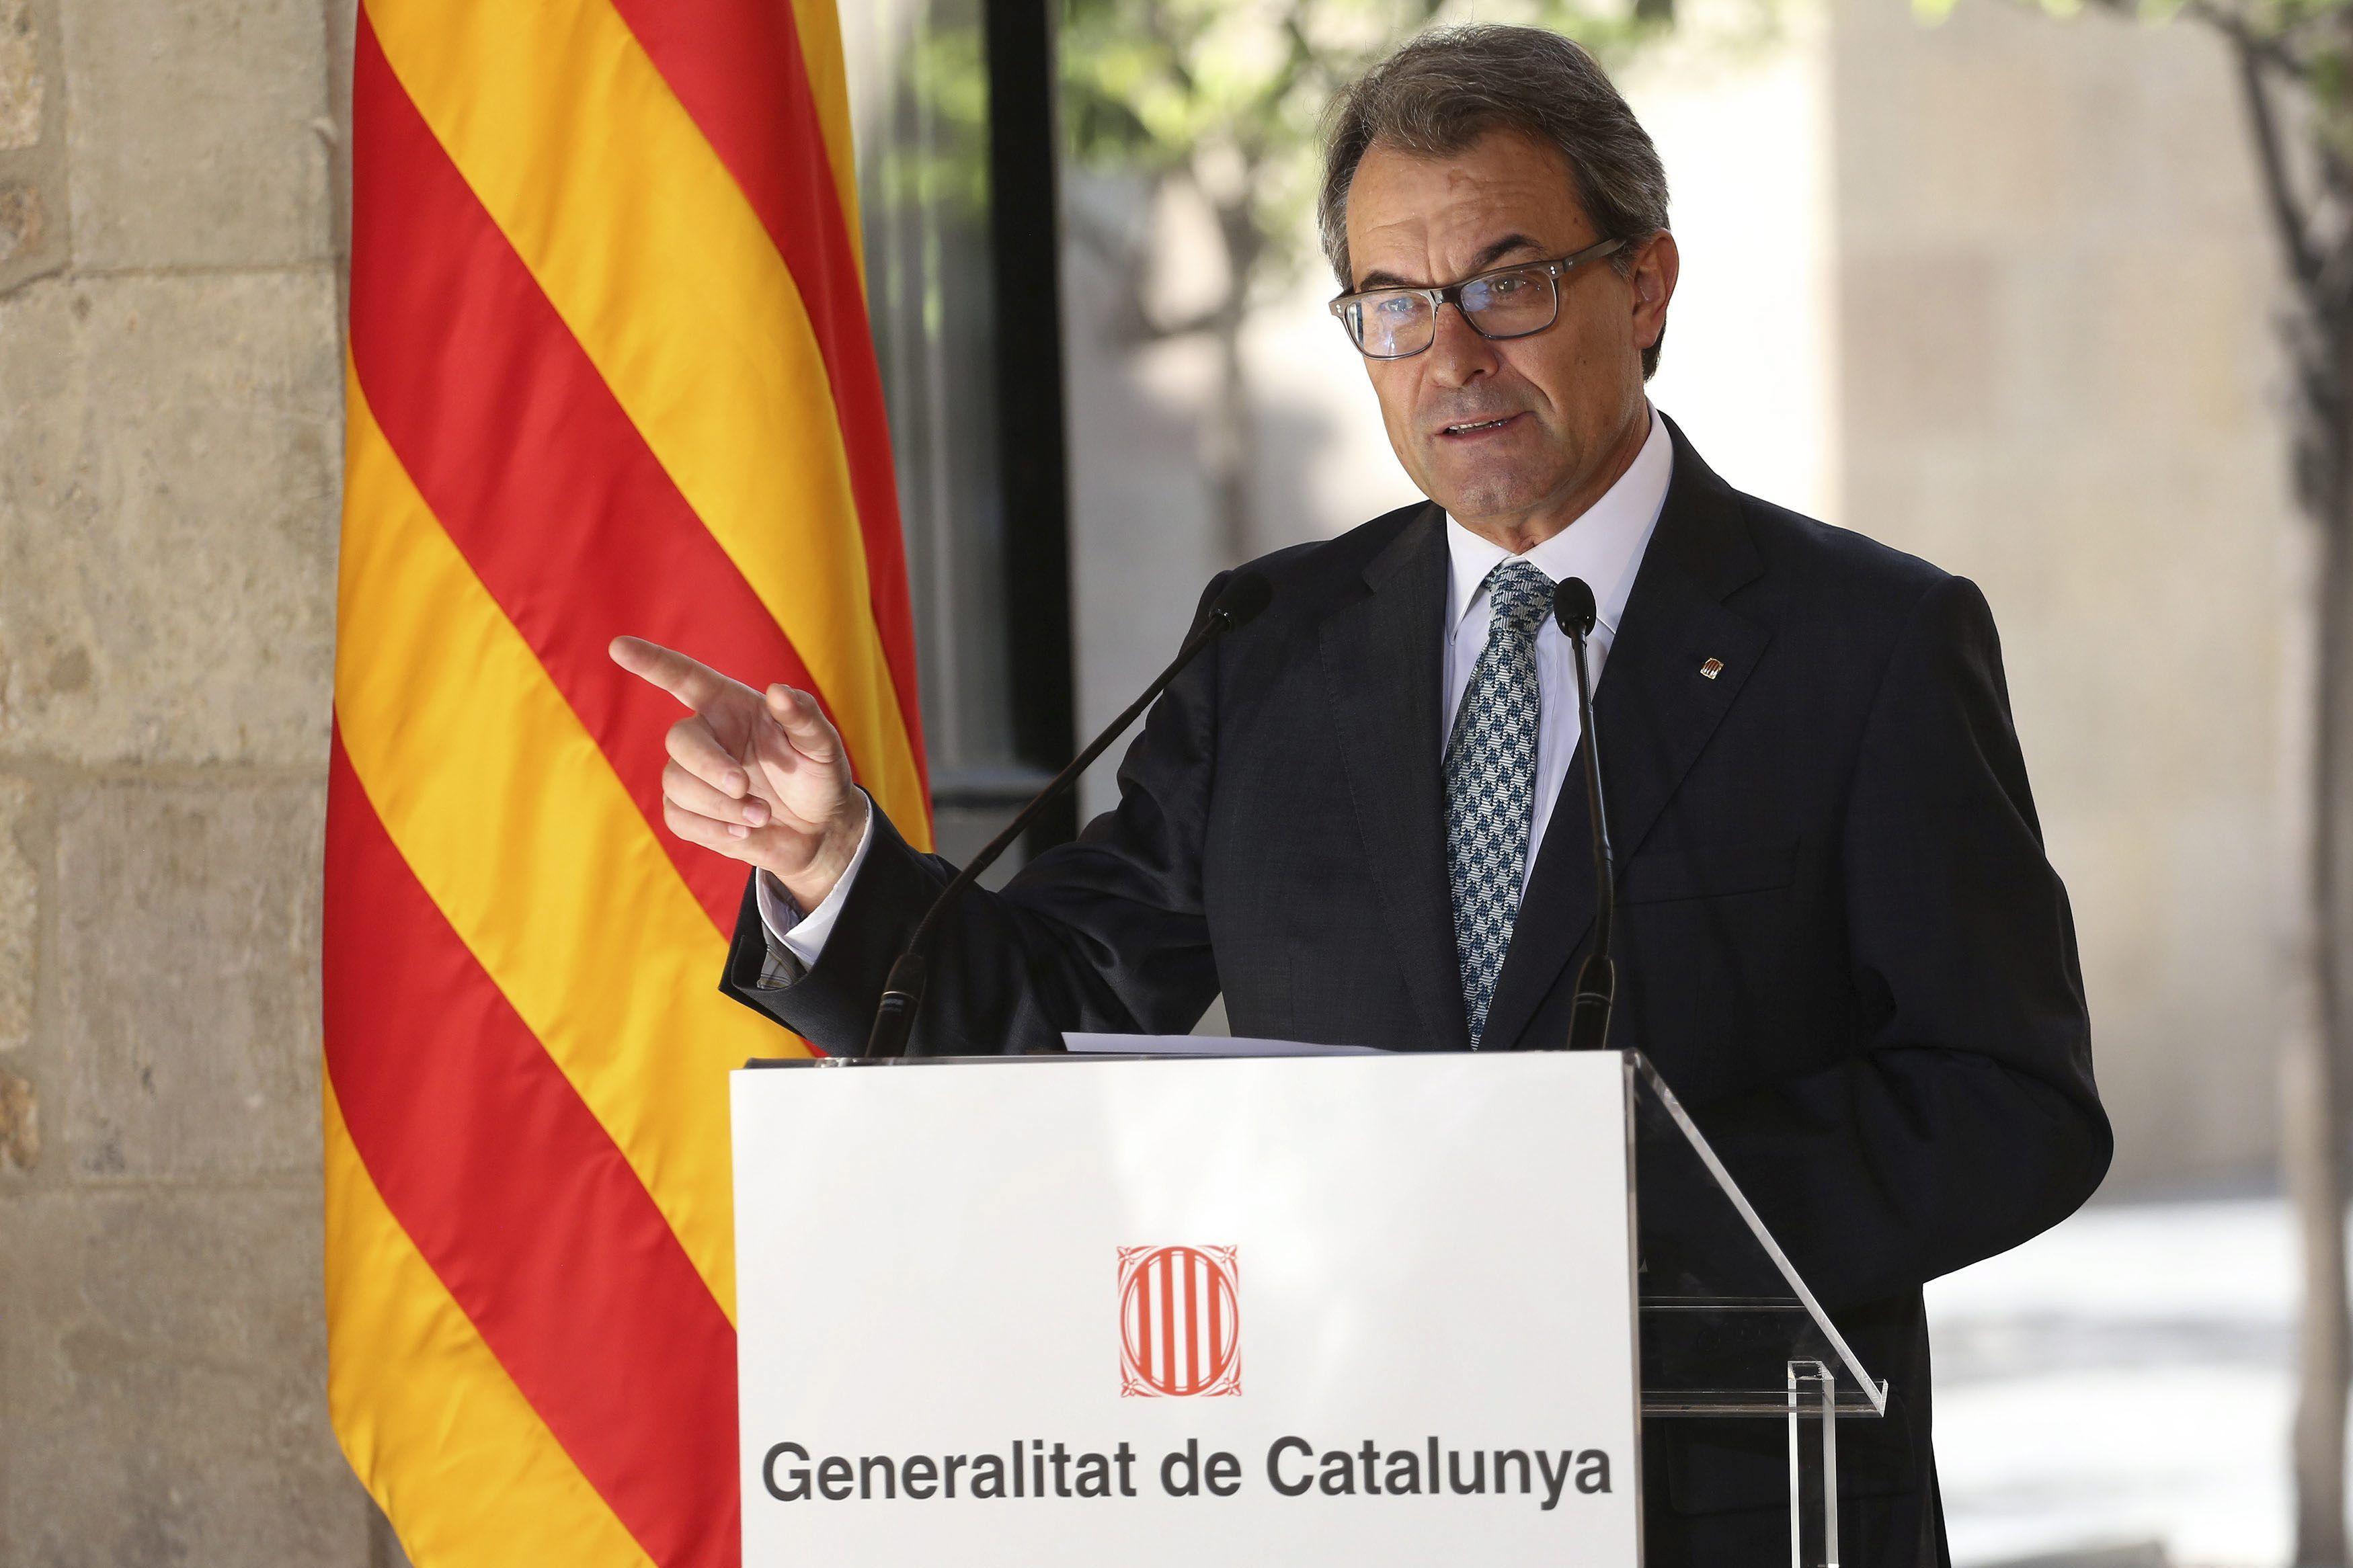 """President Mas: """"Gràcies a Escòcia per ensenyar que votar és l'únic camí per resoldre democràticament les aspiracions d'un poble"""" - govern.cat, 19-09-14. El cap de l'Executiu assegura que """"el procés català continua i se sent reforçat perquè està fonamentat en el concepte de votar"""". Artur Mas destaca que """"votar uneix"""" i que """"el que separa és no poder votar"""", i remarca que """"a Madrid estan equivocats si creuen que només utilitzant traves legals poden parar la voluntat política de la majoria""""."""